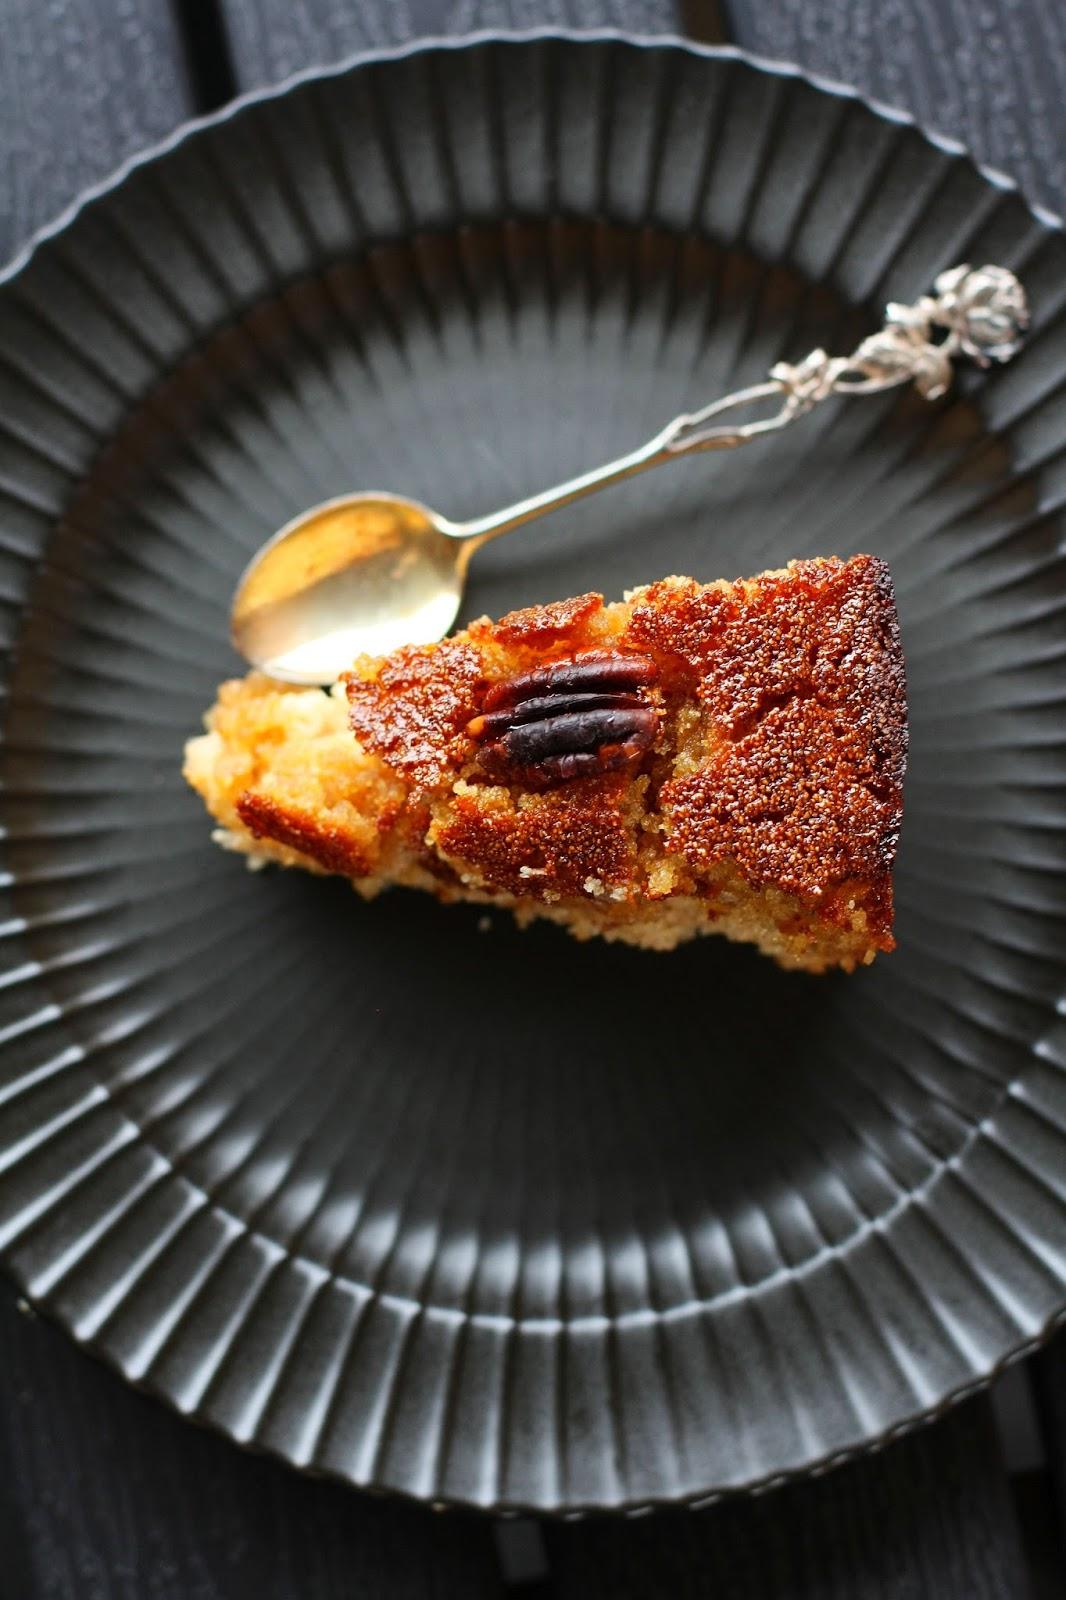 mannakakku mannasuurimokakku kakku leivonta resepti mannaryyni mannasuurimo hävikki hävikistä herkuksi mallaspulla